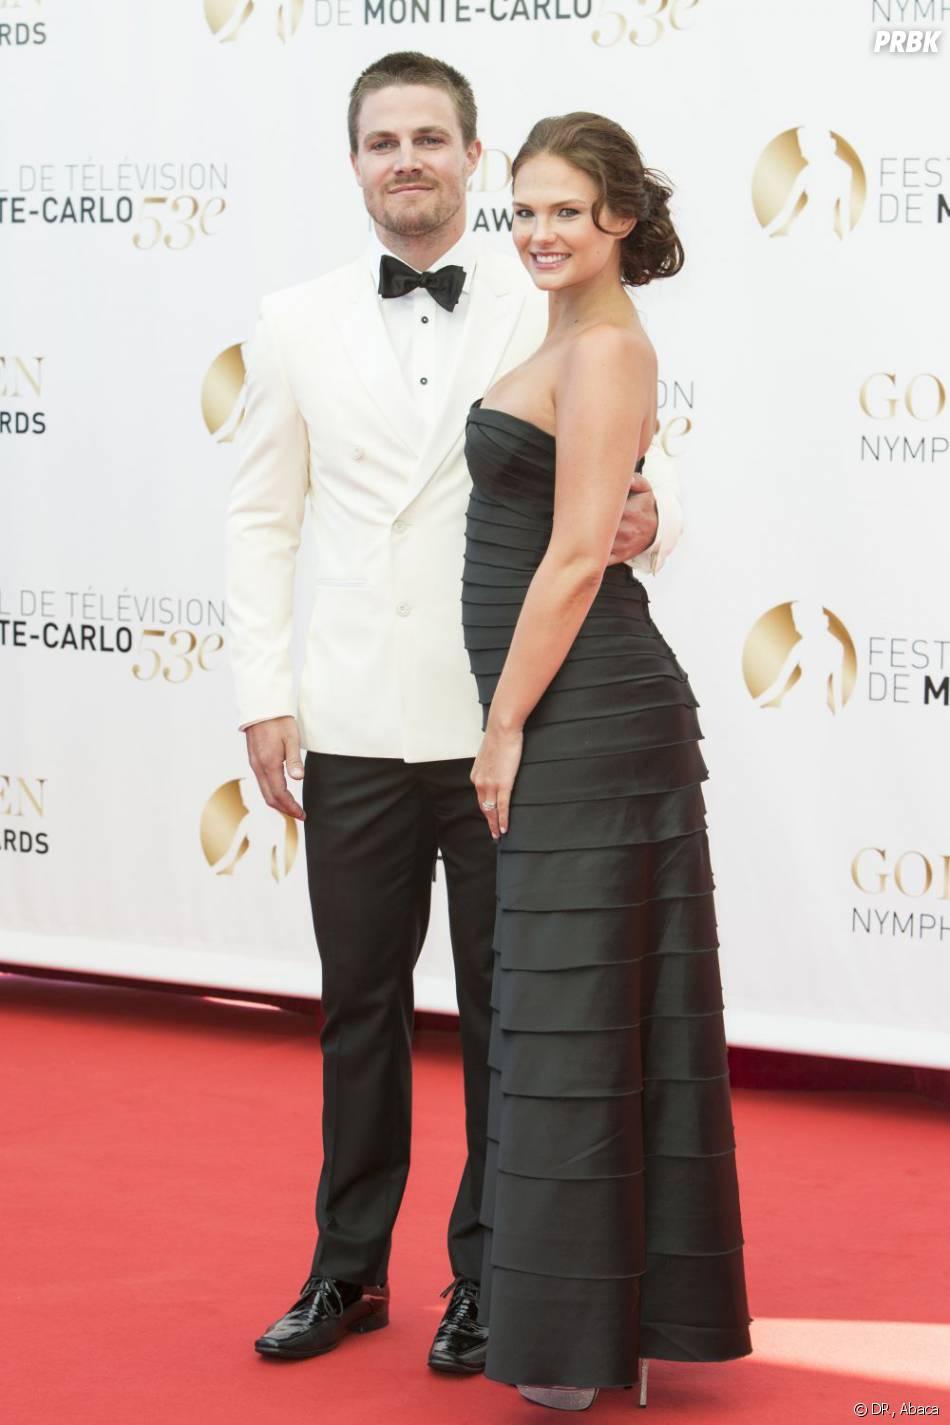 Stephen Amell et sa femme Cassandra à la cérémonie de clôture du Festival de télévision de Monte Carlo 2013